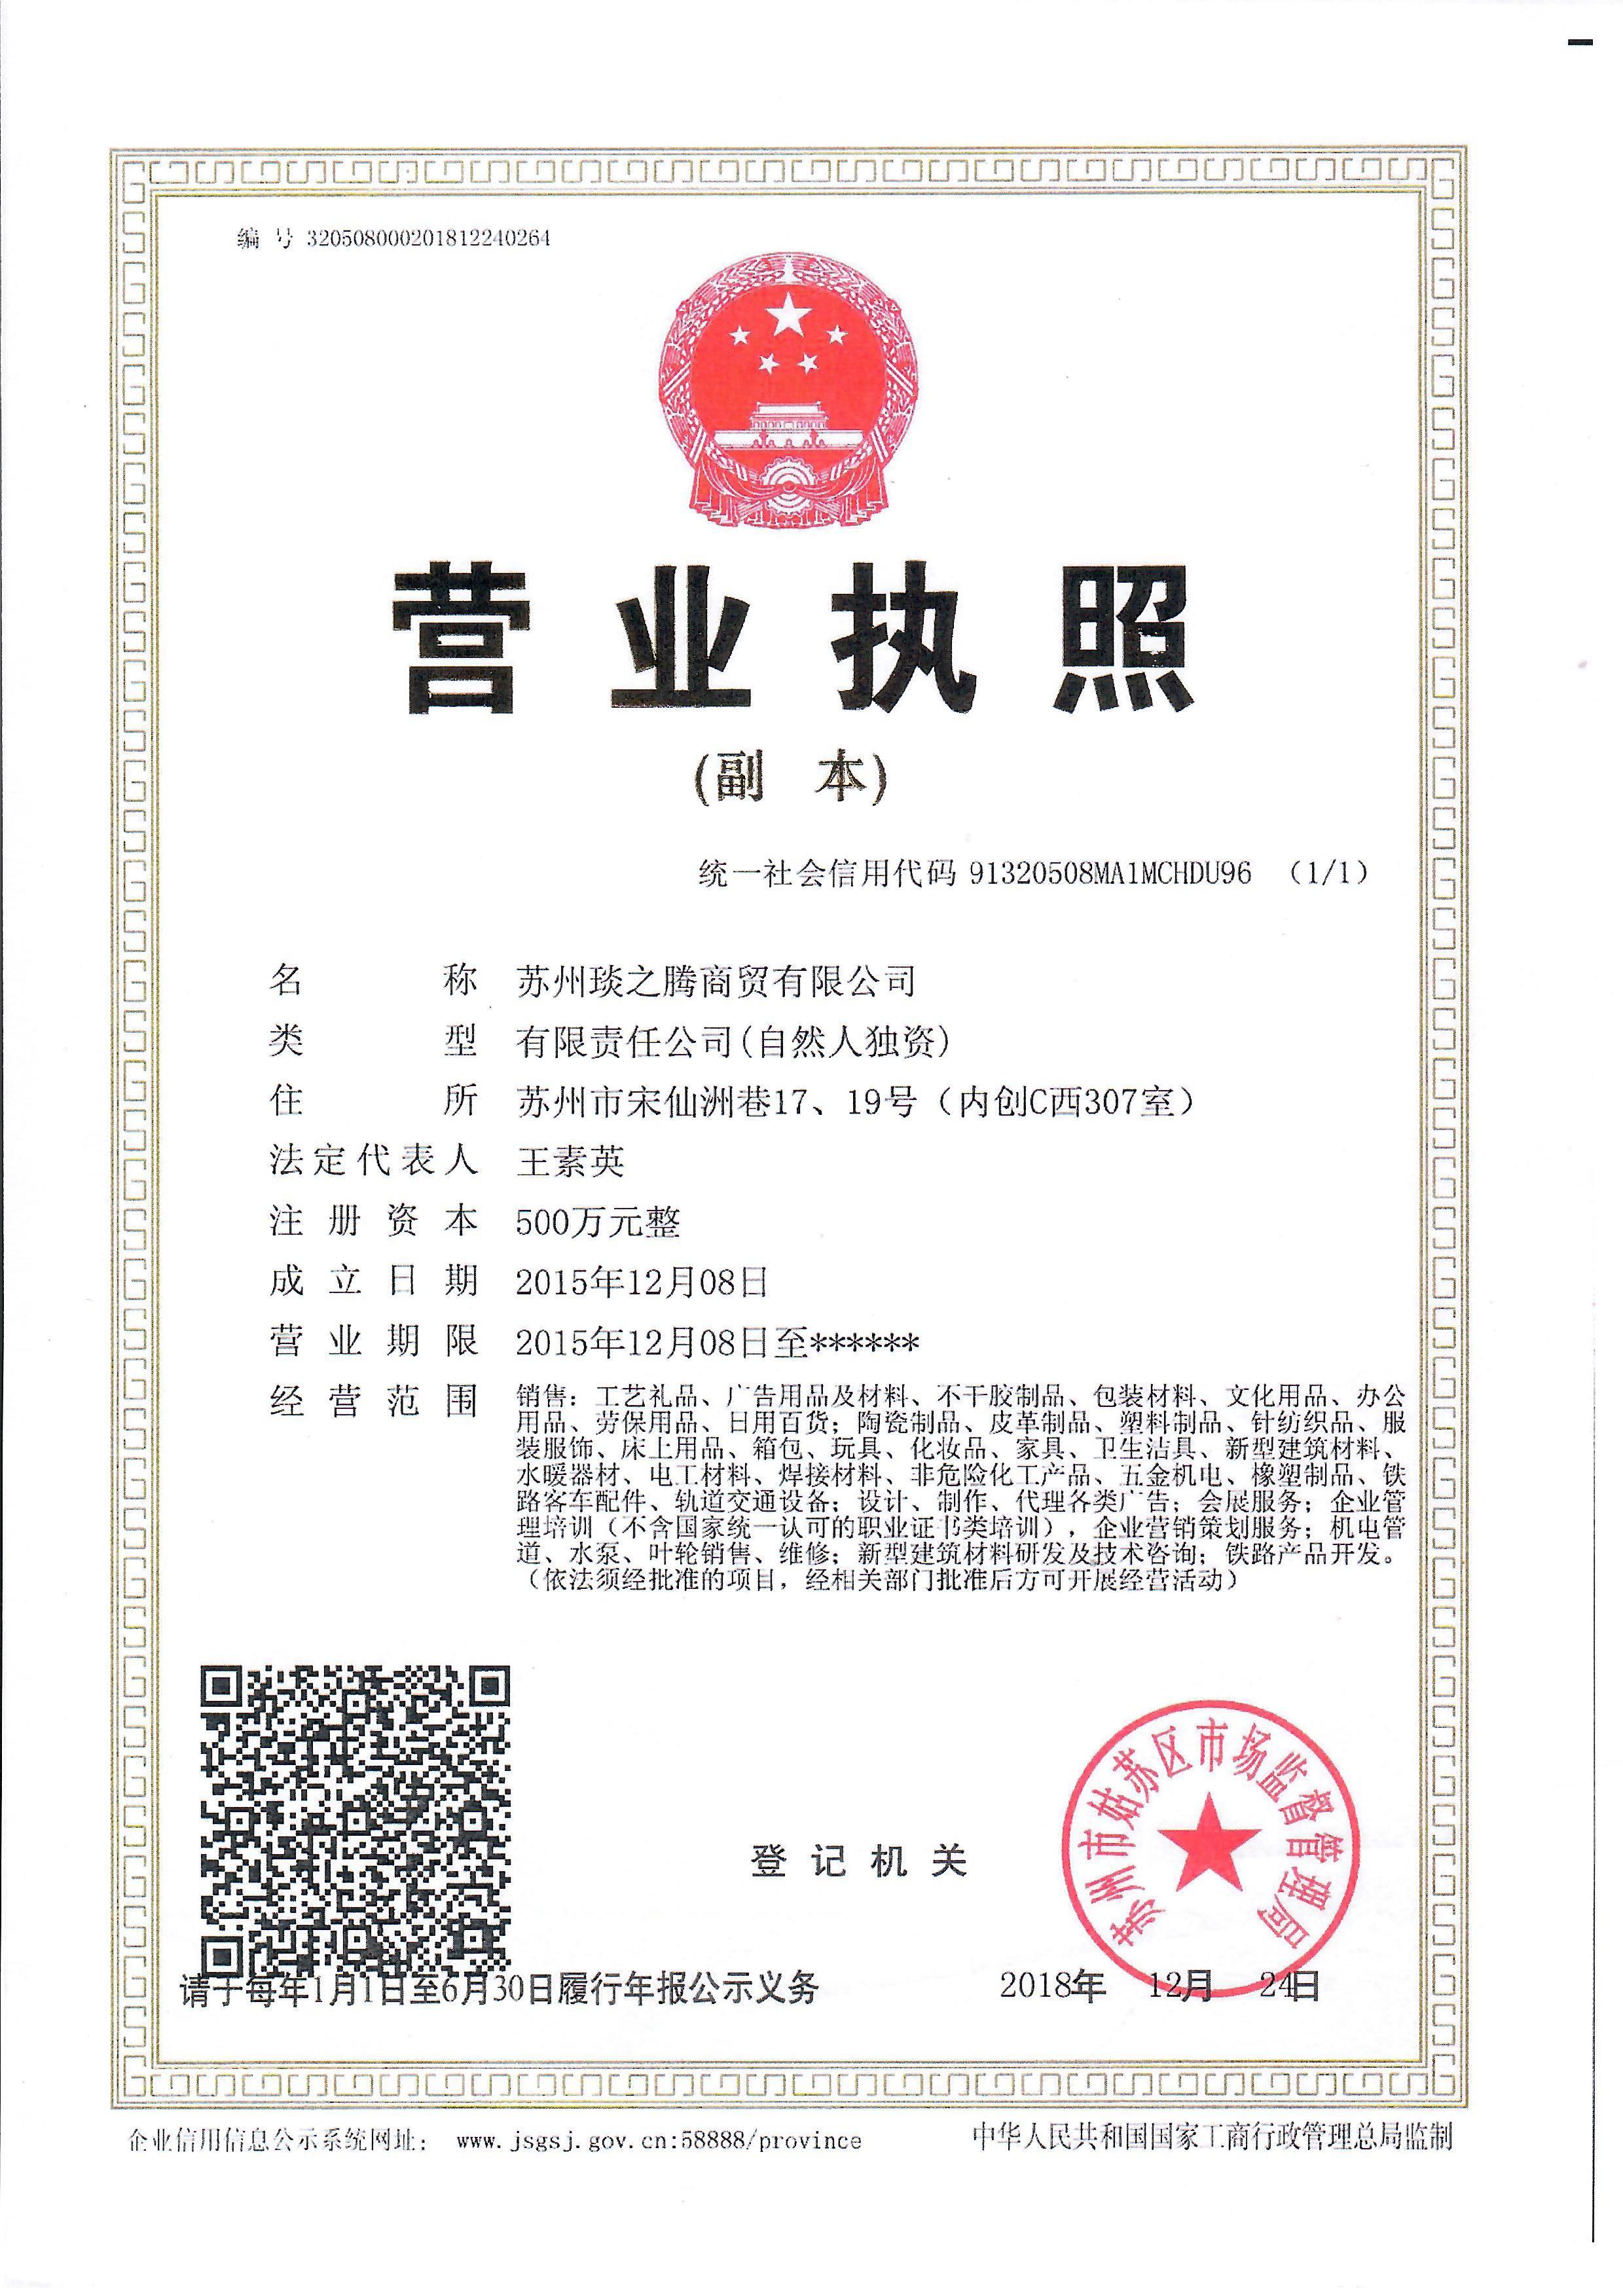 苏州琰之腾商贸有限公司